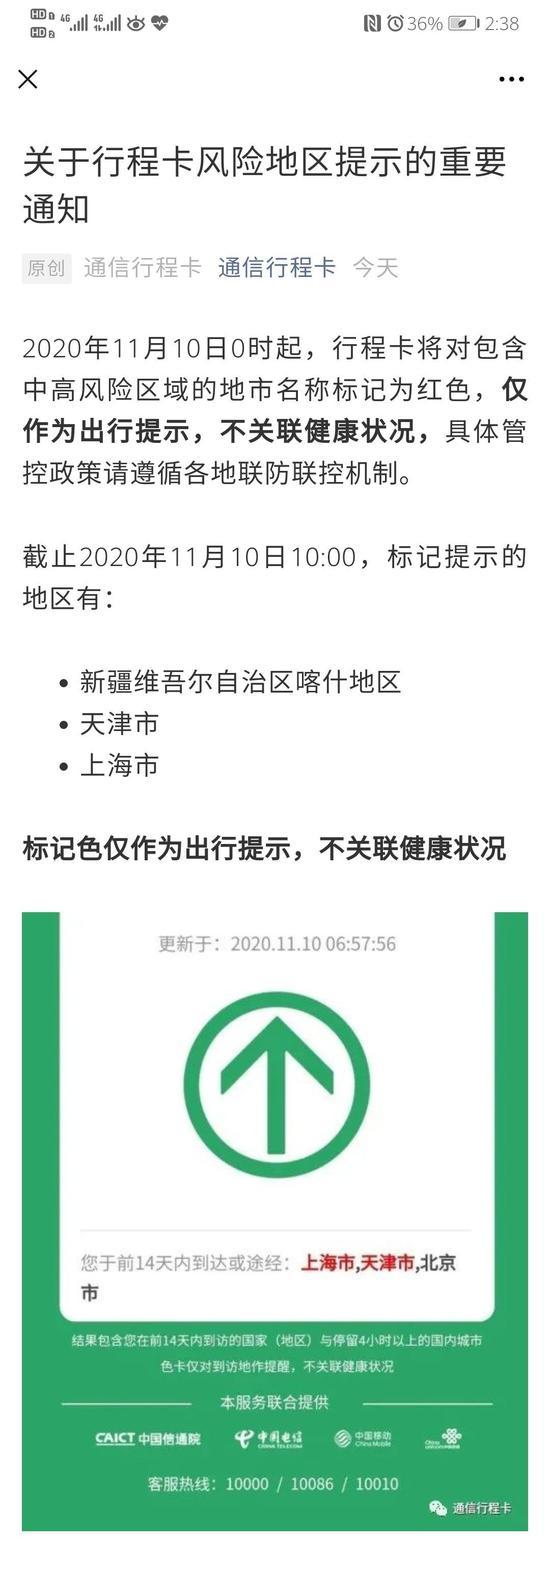 天津上海通信行程卡变红?官方回应:不关联健康状况